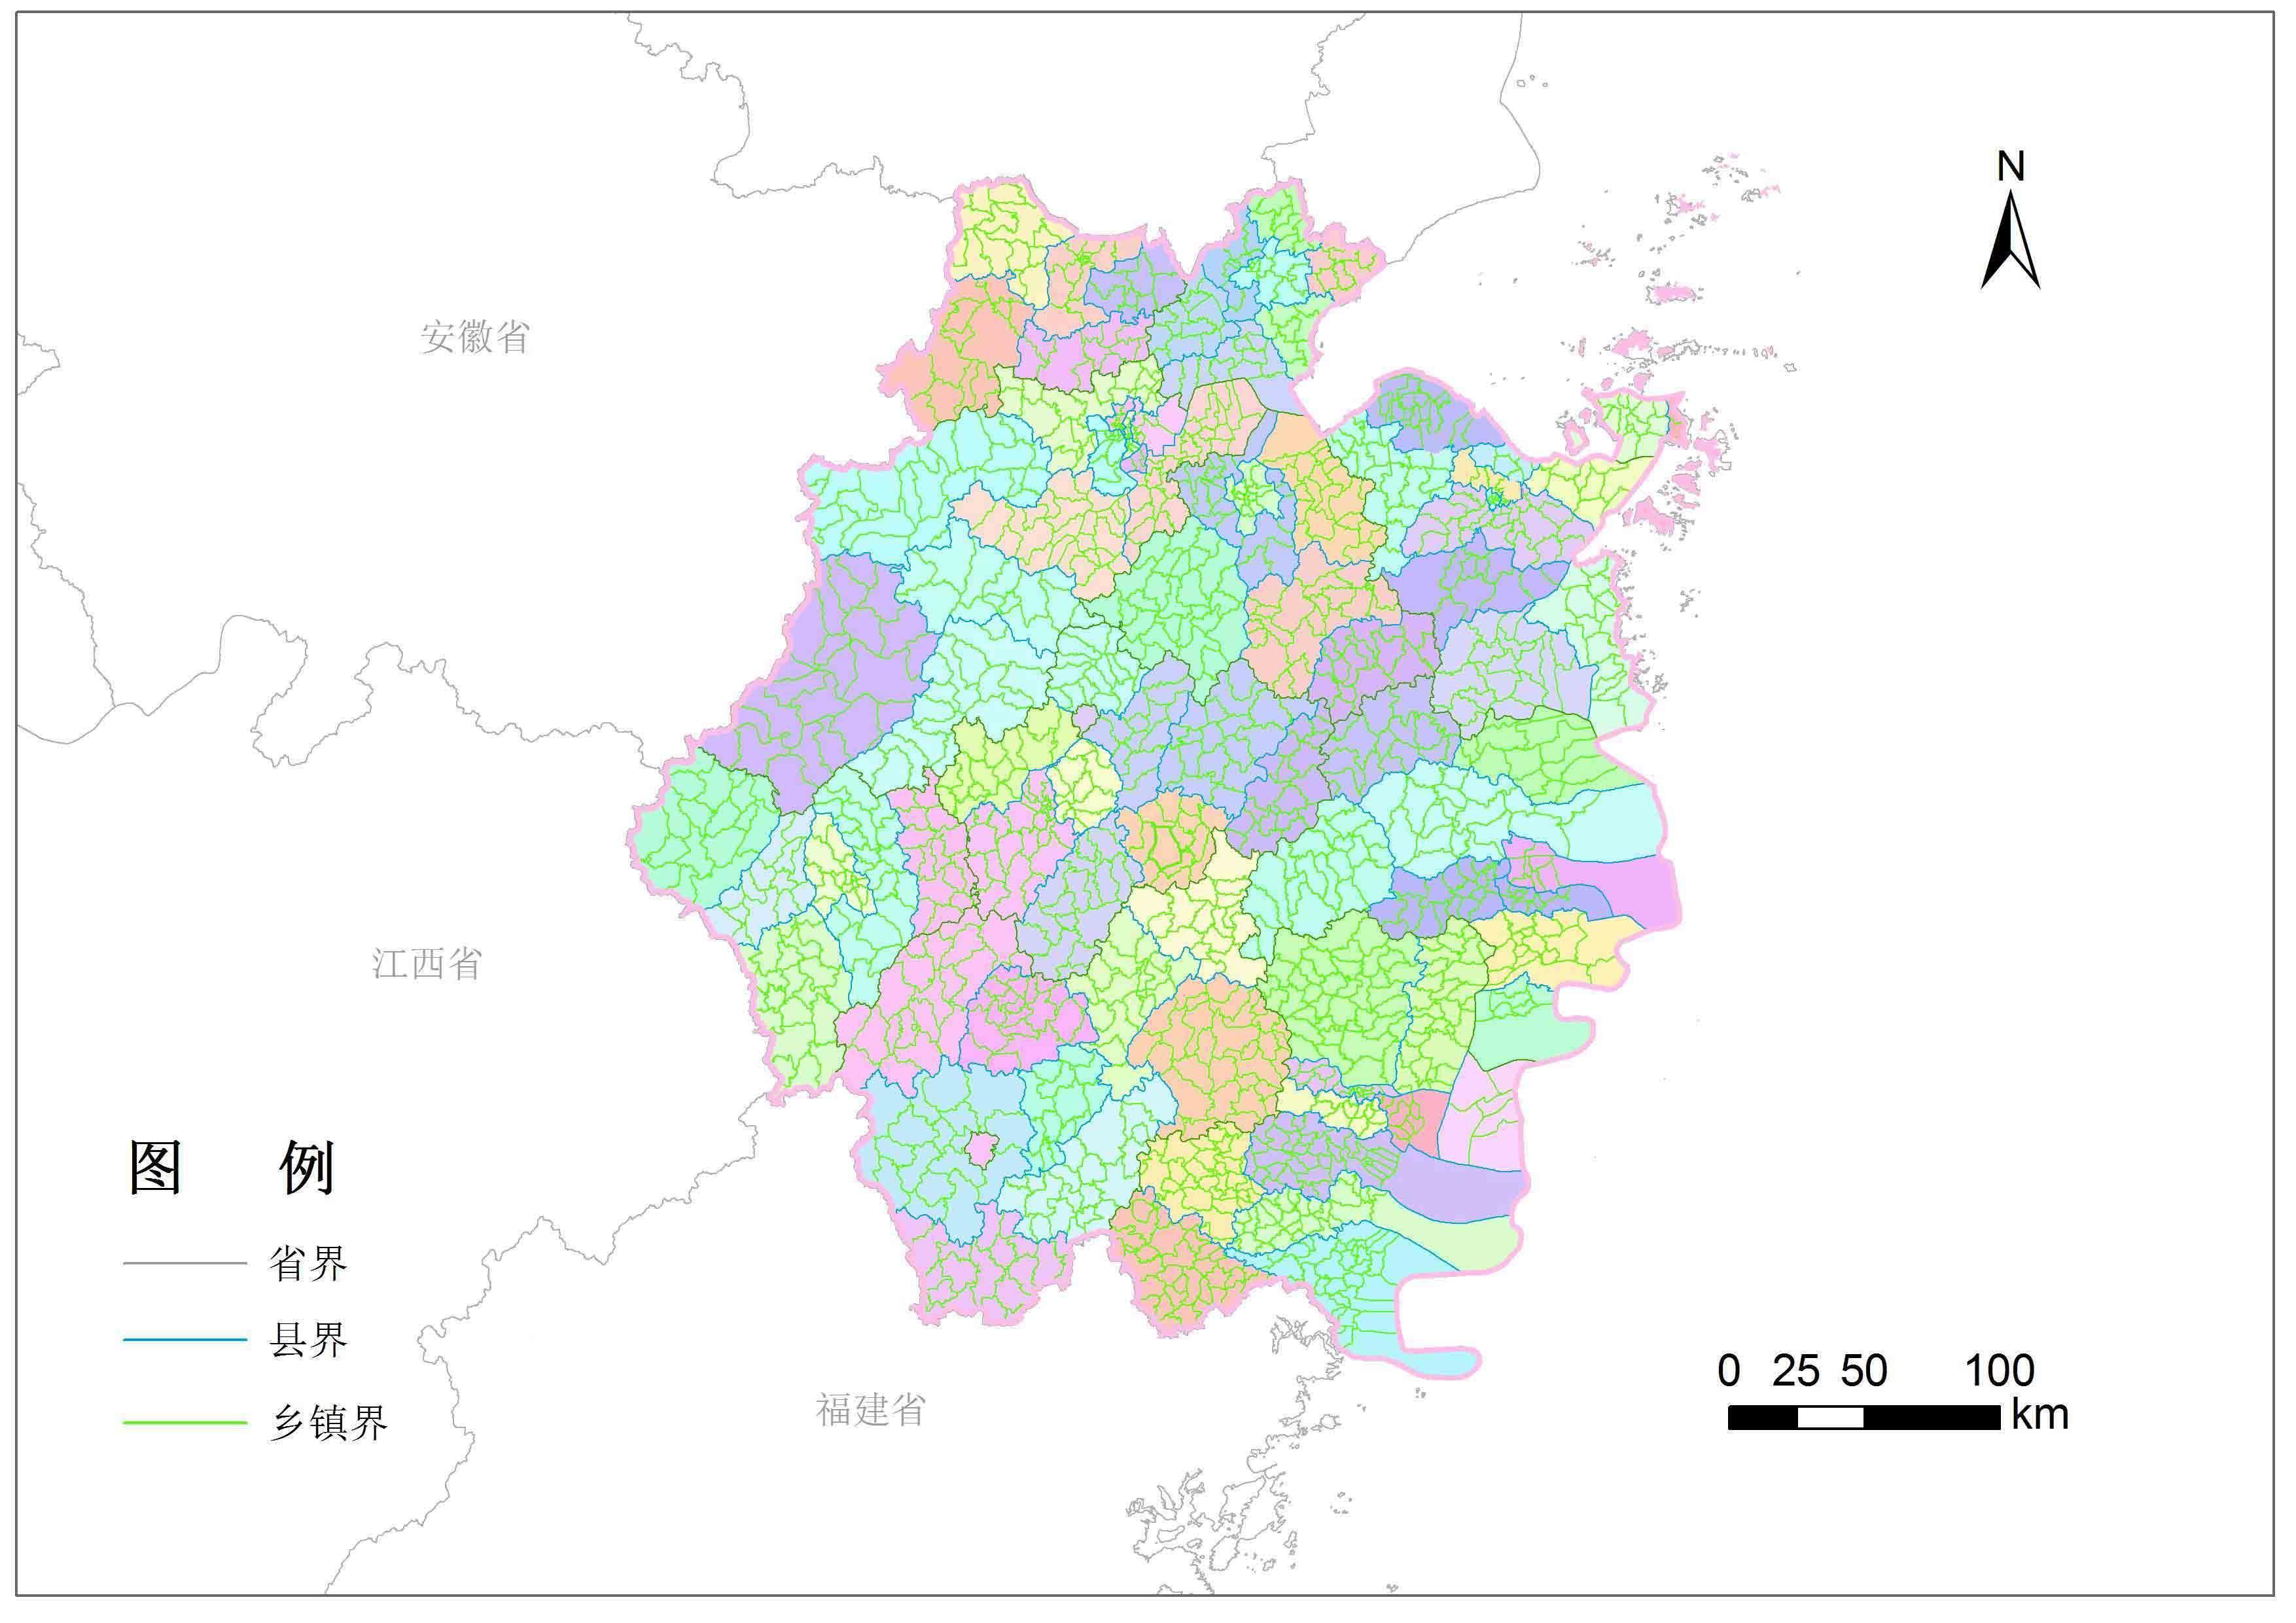 总面积约10.18万平方千米.省会杭州(省政府驻杭州市西湖区省府路8号).图片